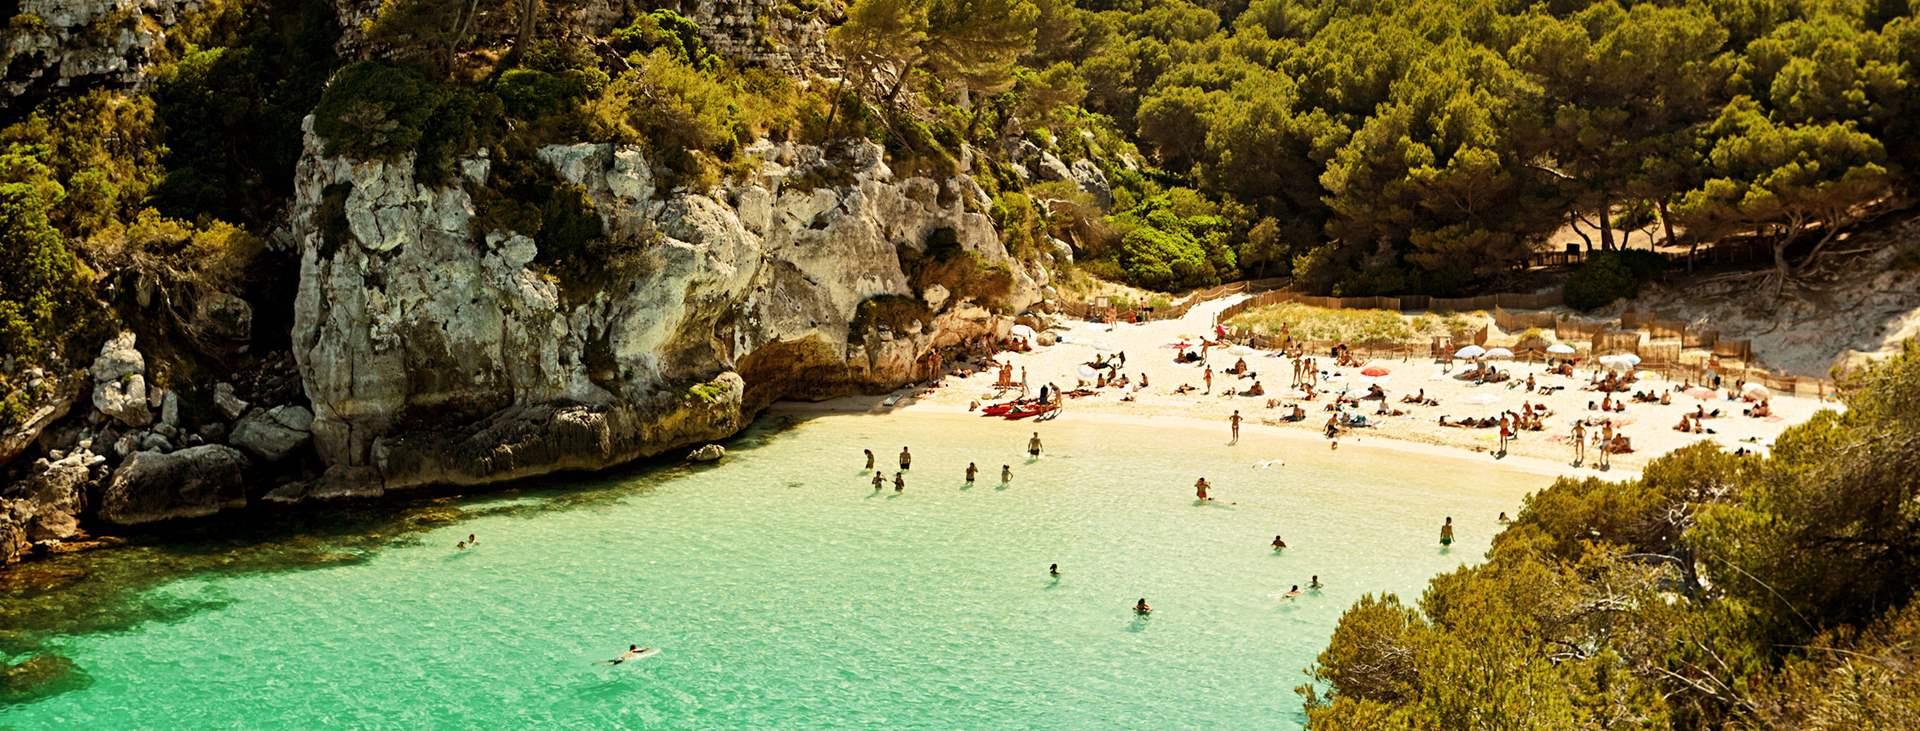 Bestill en reise med Ving til Menorca